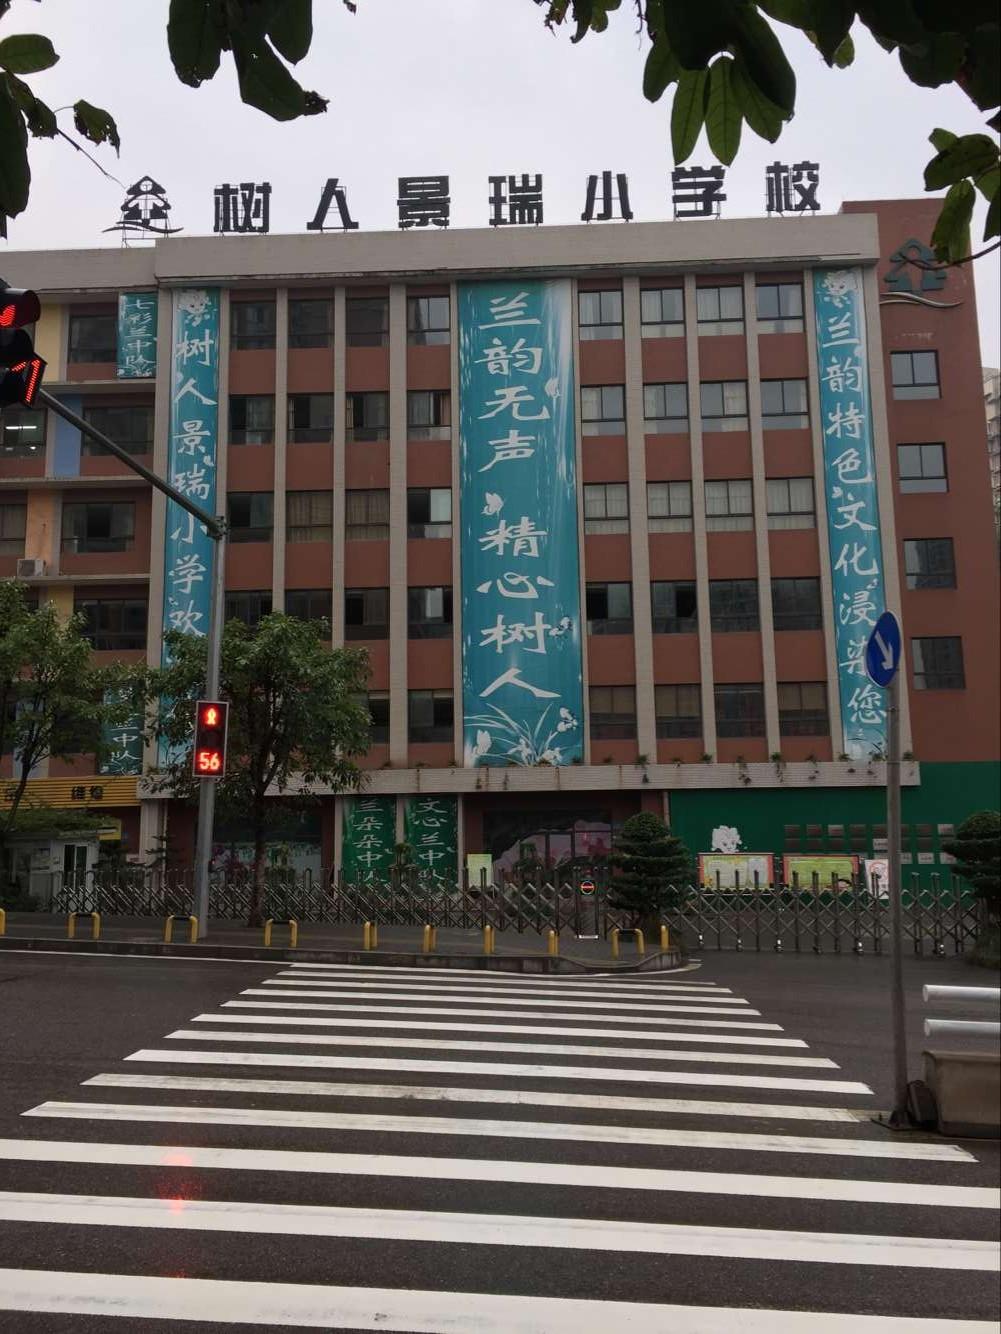 重庆沙坪坝树人景瑞小学